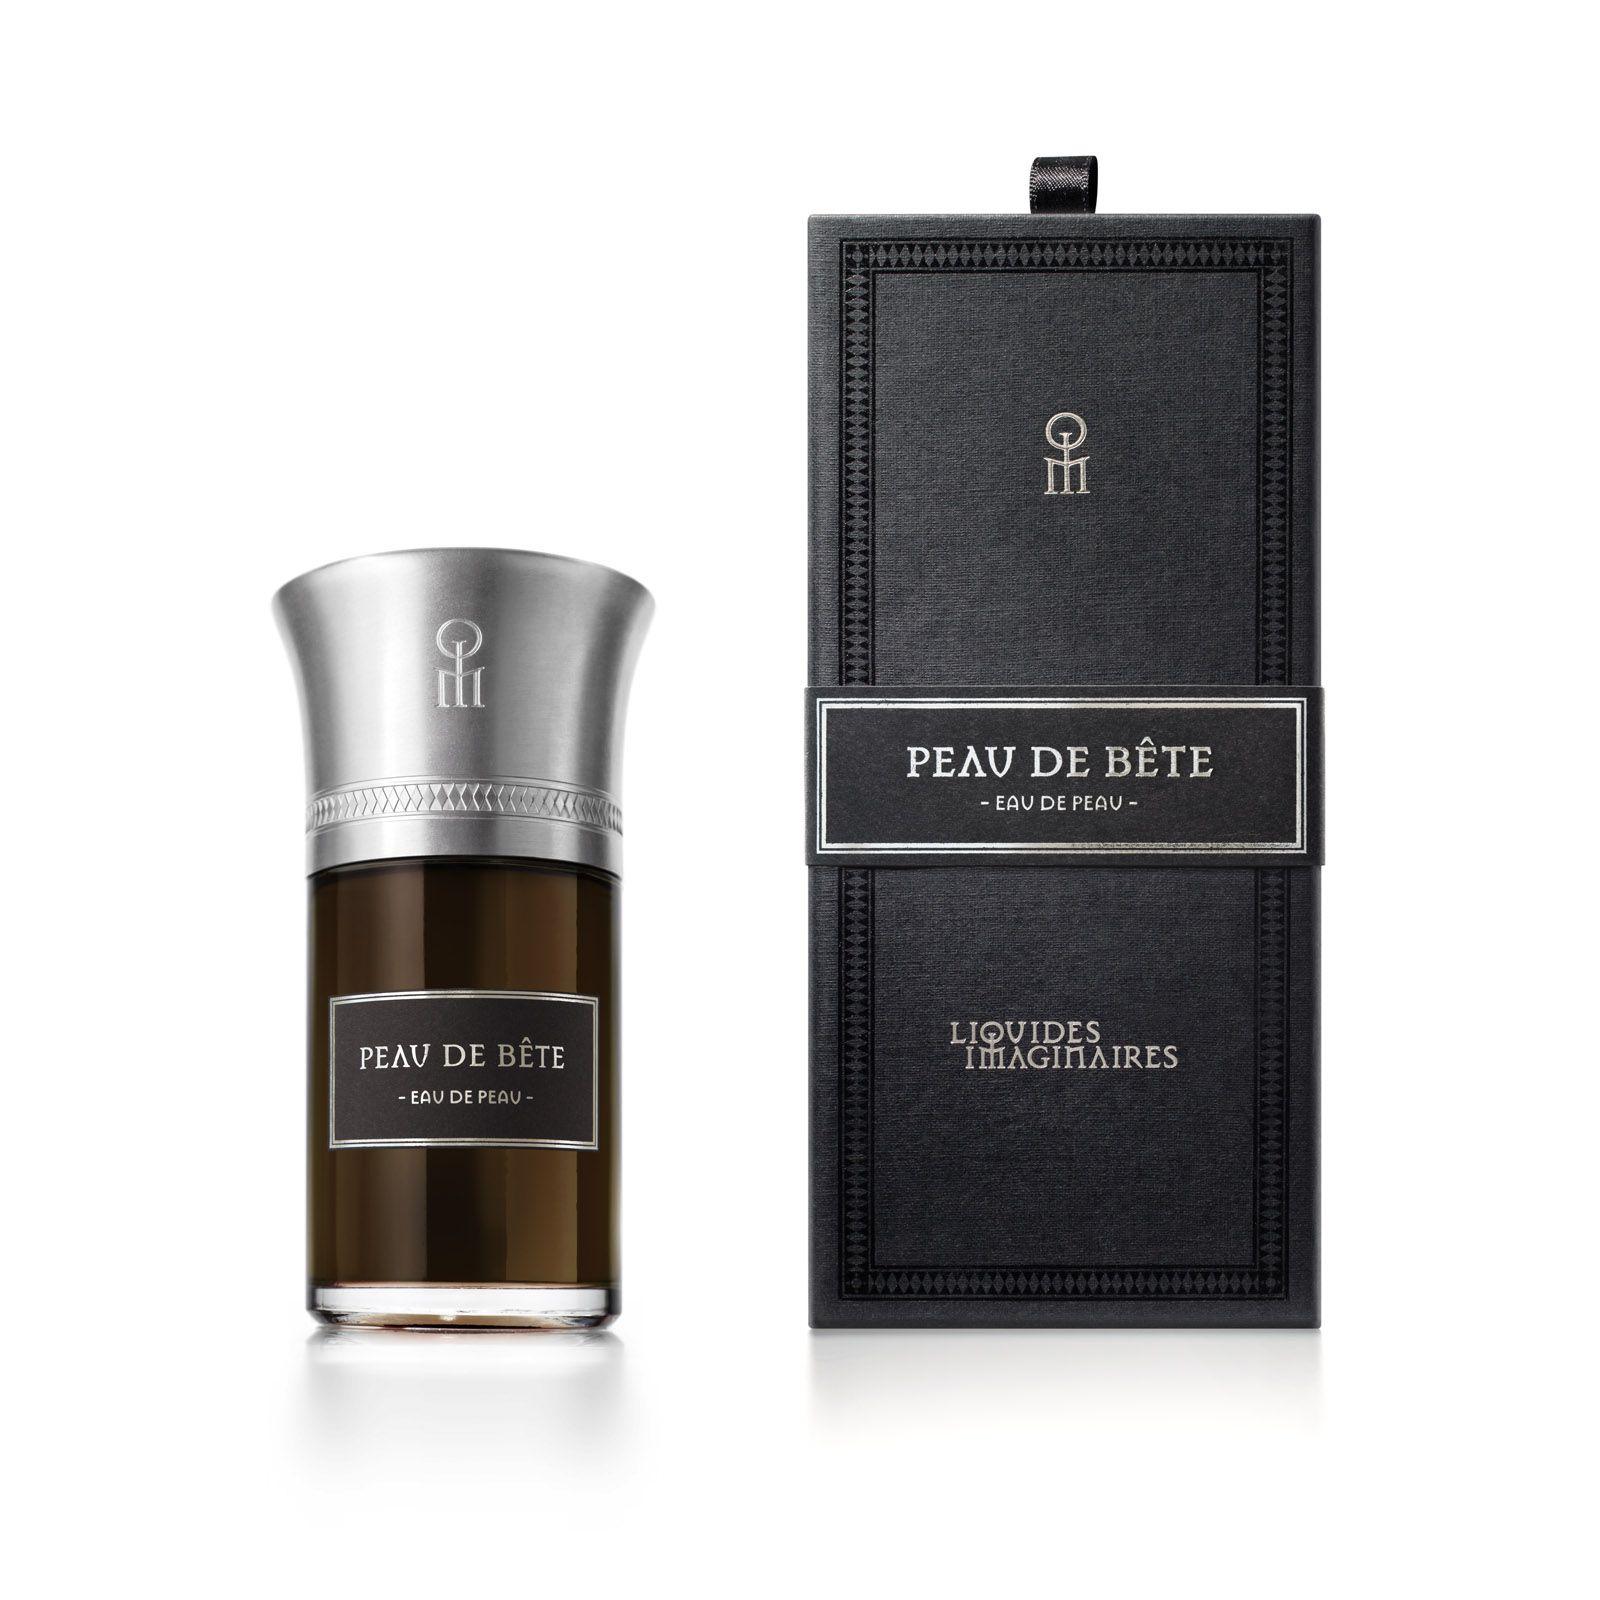 peau de bete les liquides imaginaires parfum un nouveau parfum pour homme et femme 2016. Black Bedroom Furniture Sets. Home Design Ideas